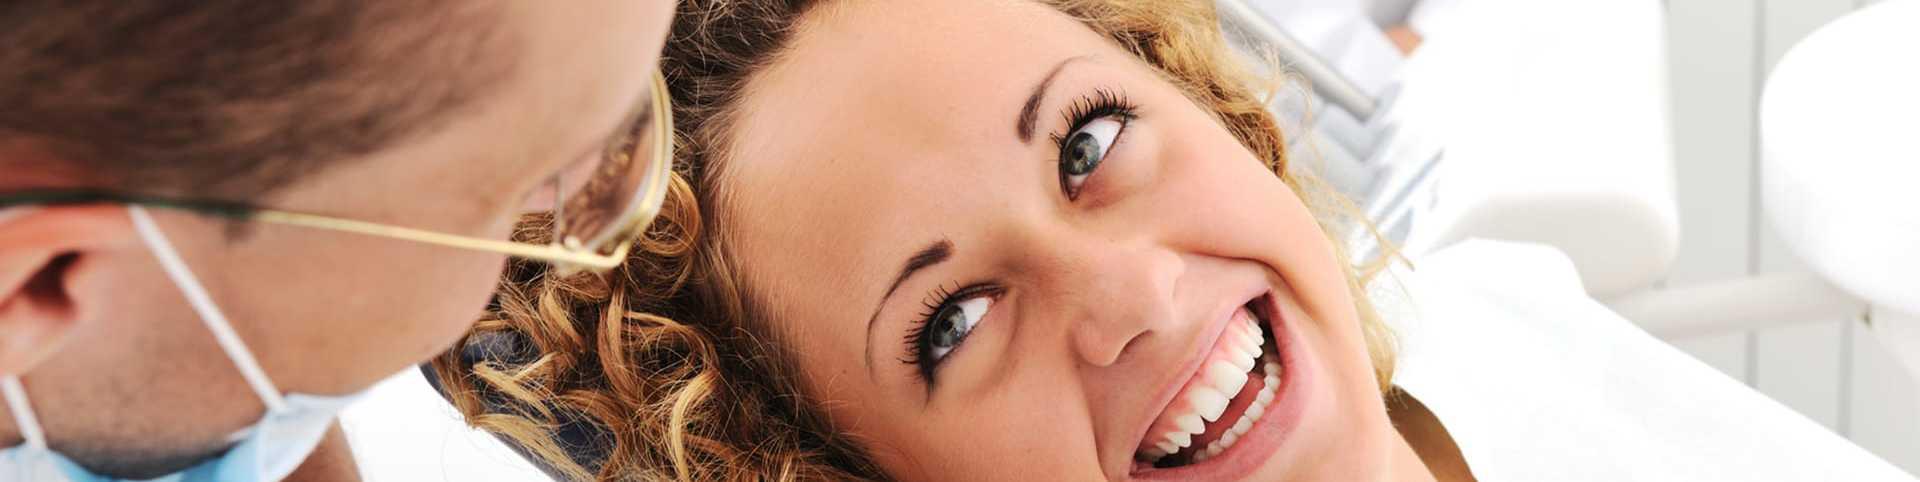 Frau auf Behandlungsstuhl beim Zahnarzt